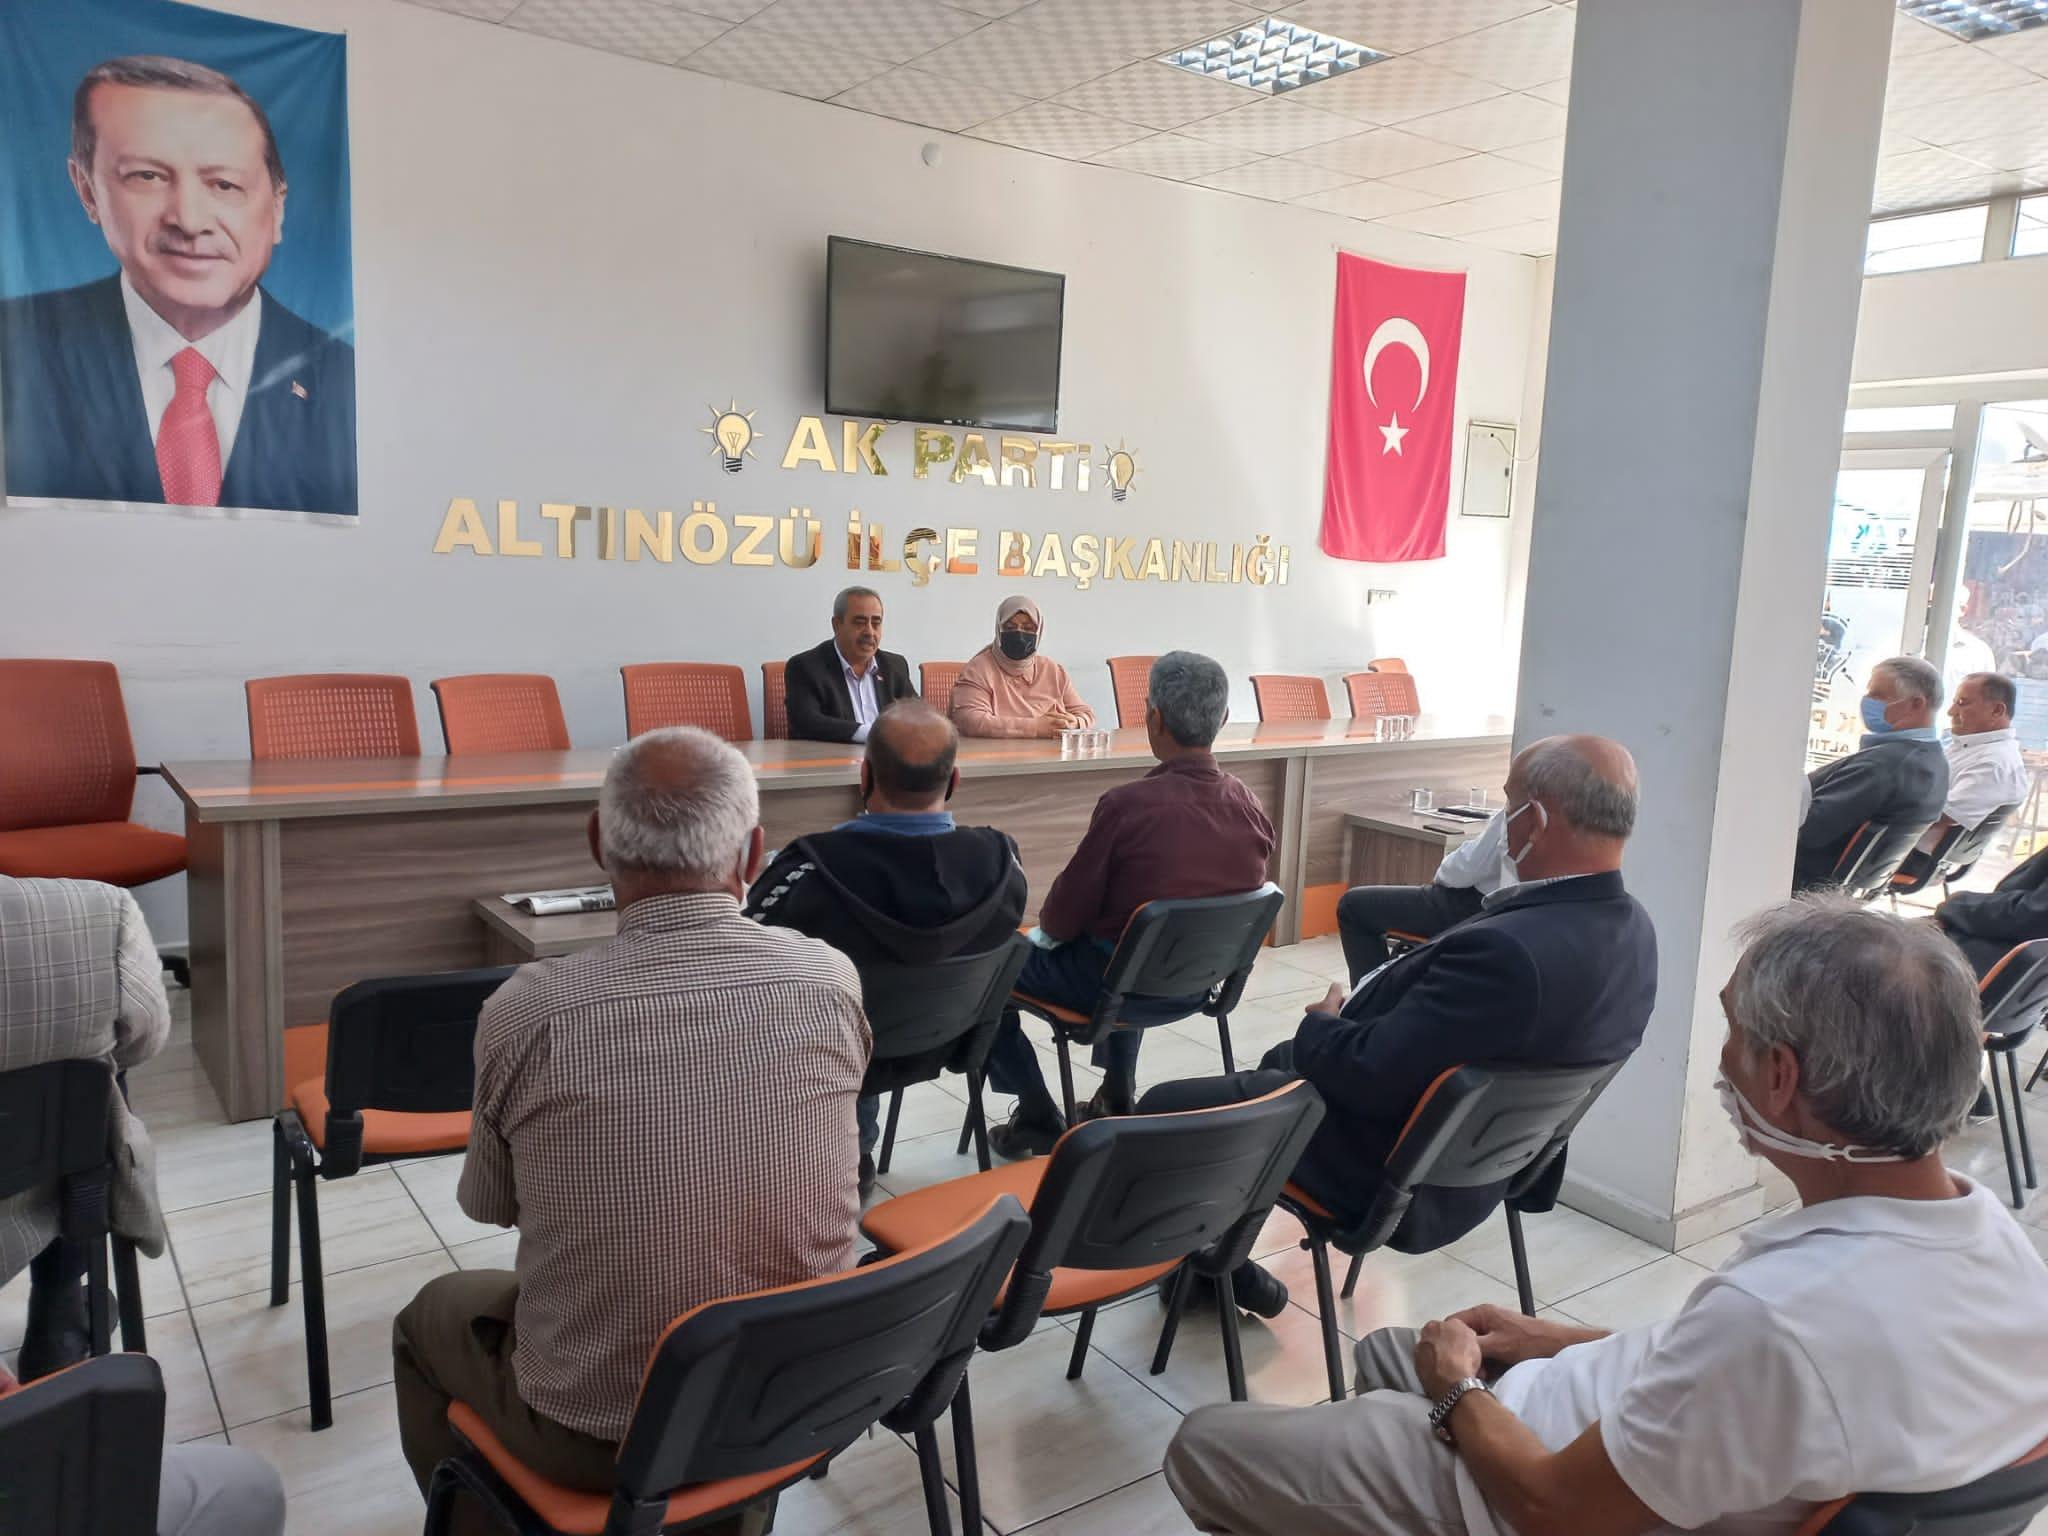 Bulanık başkanlığındaki toplantıda gündem festival